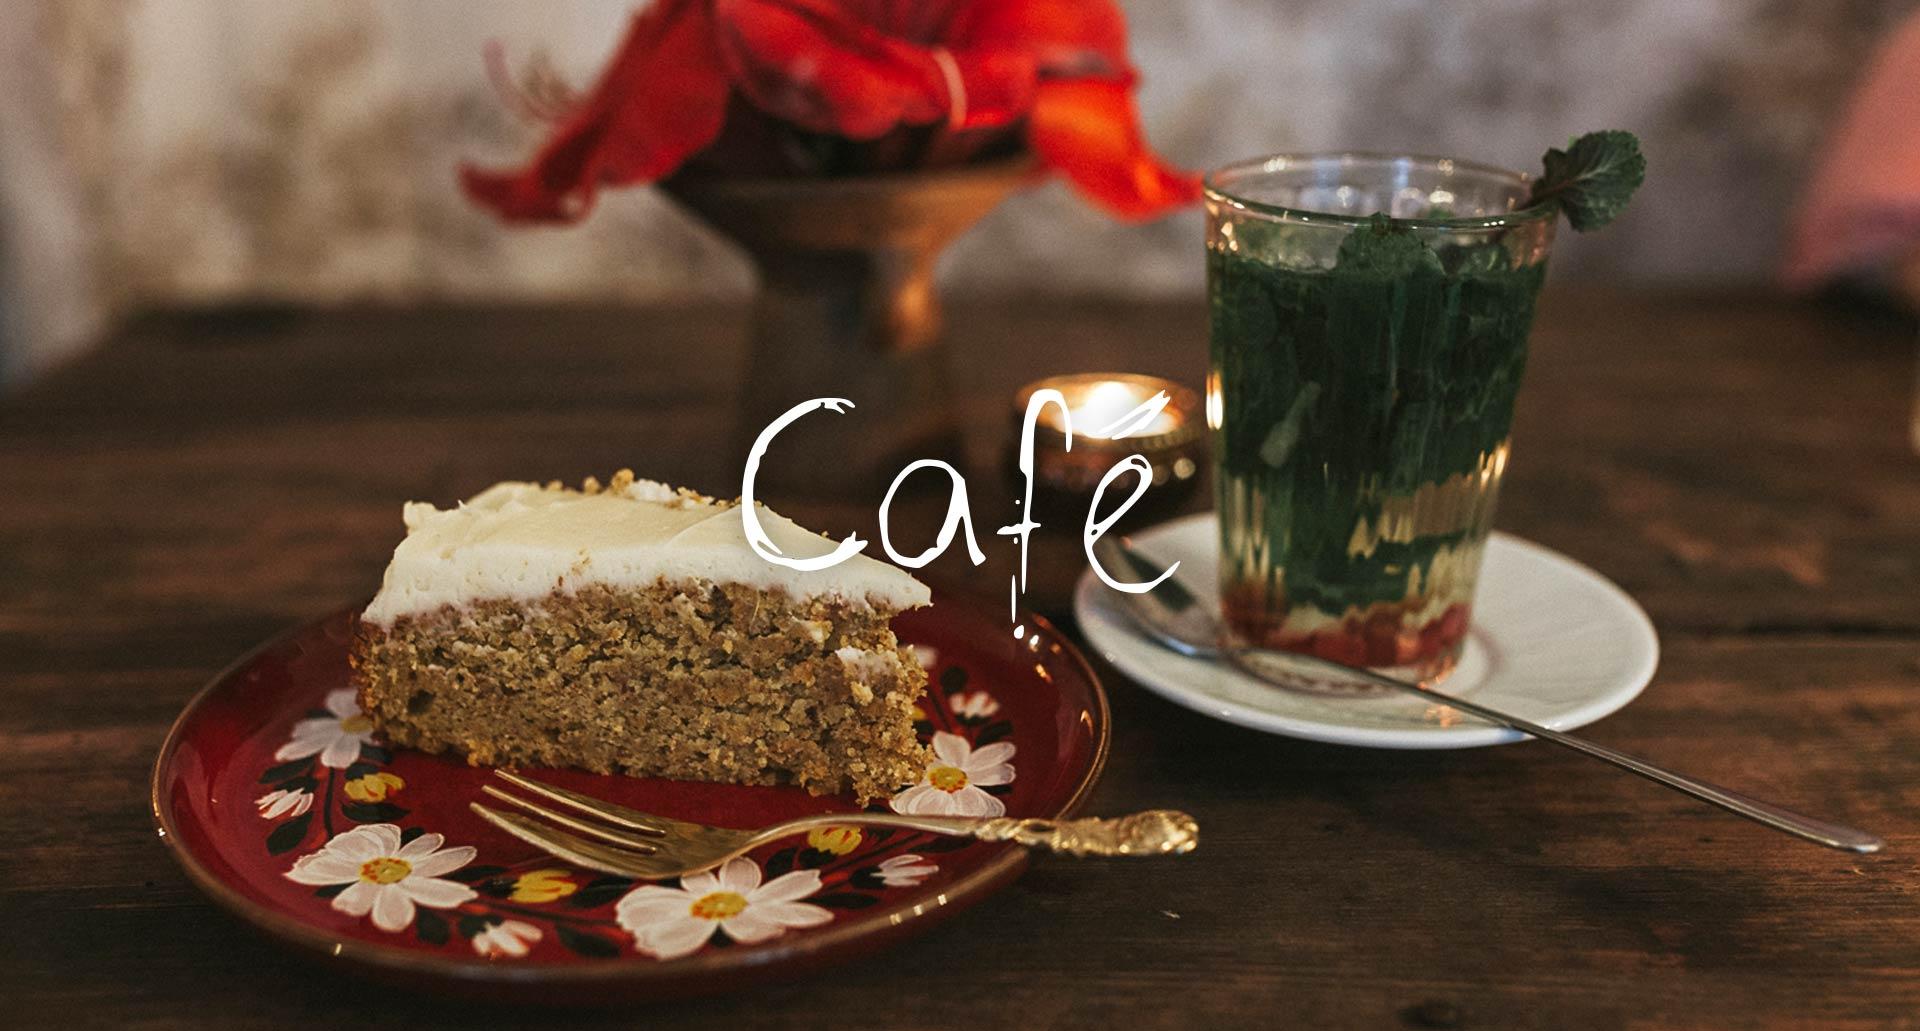 cafesplash2